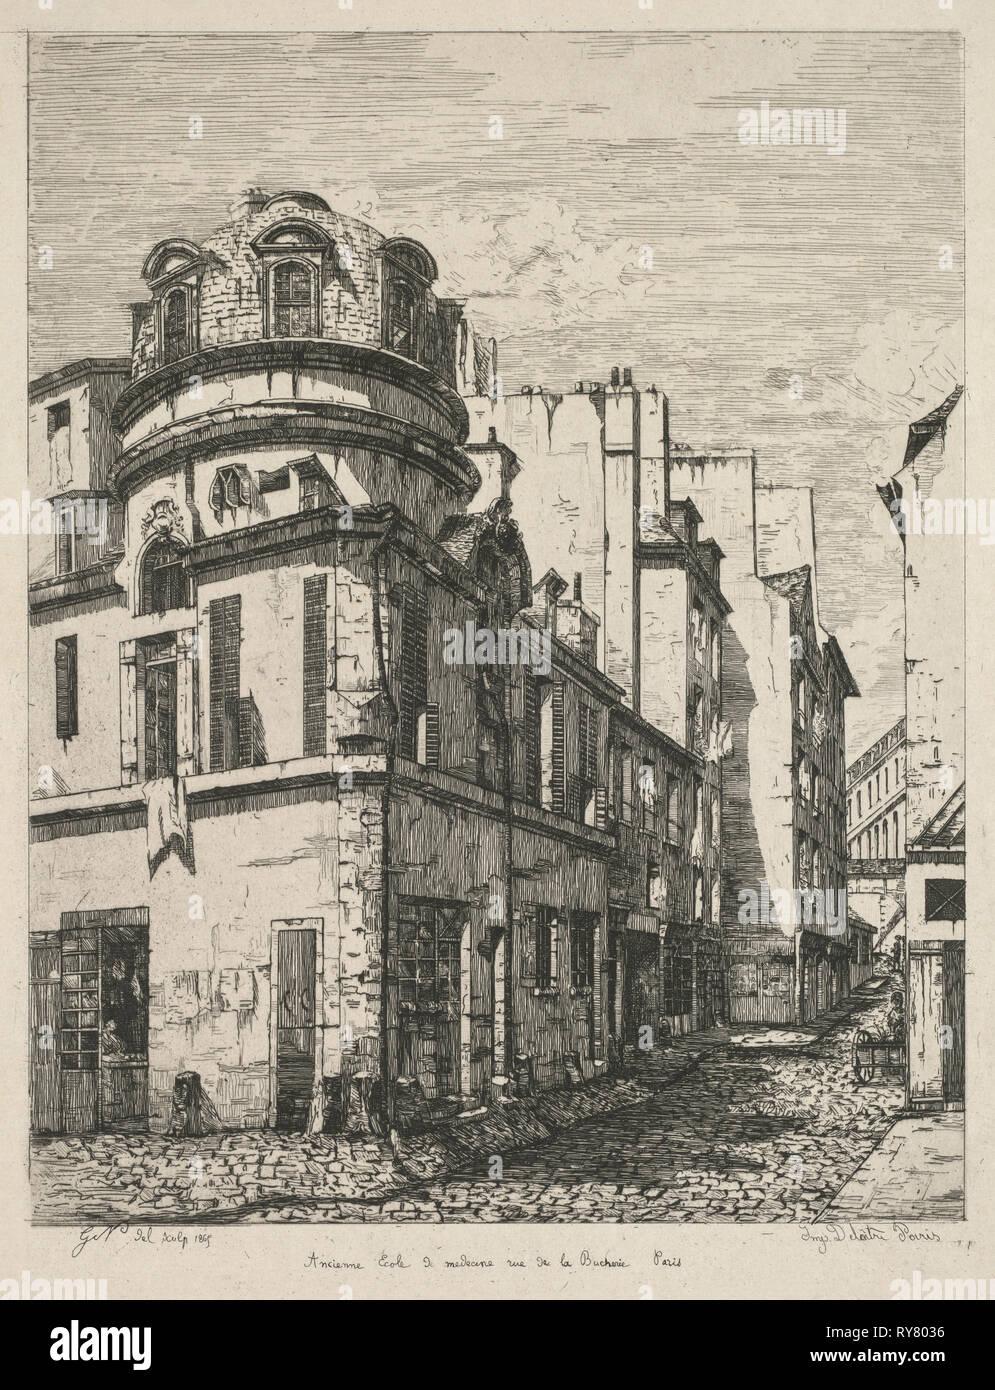 Eaux-Fortes sur le Vieux Paris: Ancienne école de médecine rue de la Bûcherie (Etchings of Old Paris: Former Medical School, rue de la Bucherie), 1865. Gabrielle-Marie Niel (French, 1840-1894), Published by Cadart, Printed by Auguste Delatre. Etching on chine collé; platemark: 32.5 x 24.5 cm (12 13/16 x 9 5/8 in.); secondary support: 36.5 x 29.6 cm (14 3/8 x 11 5/8 in - Stock Image